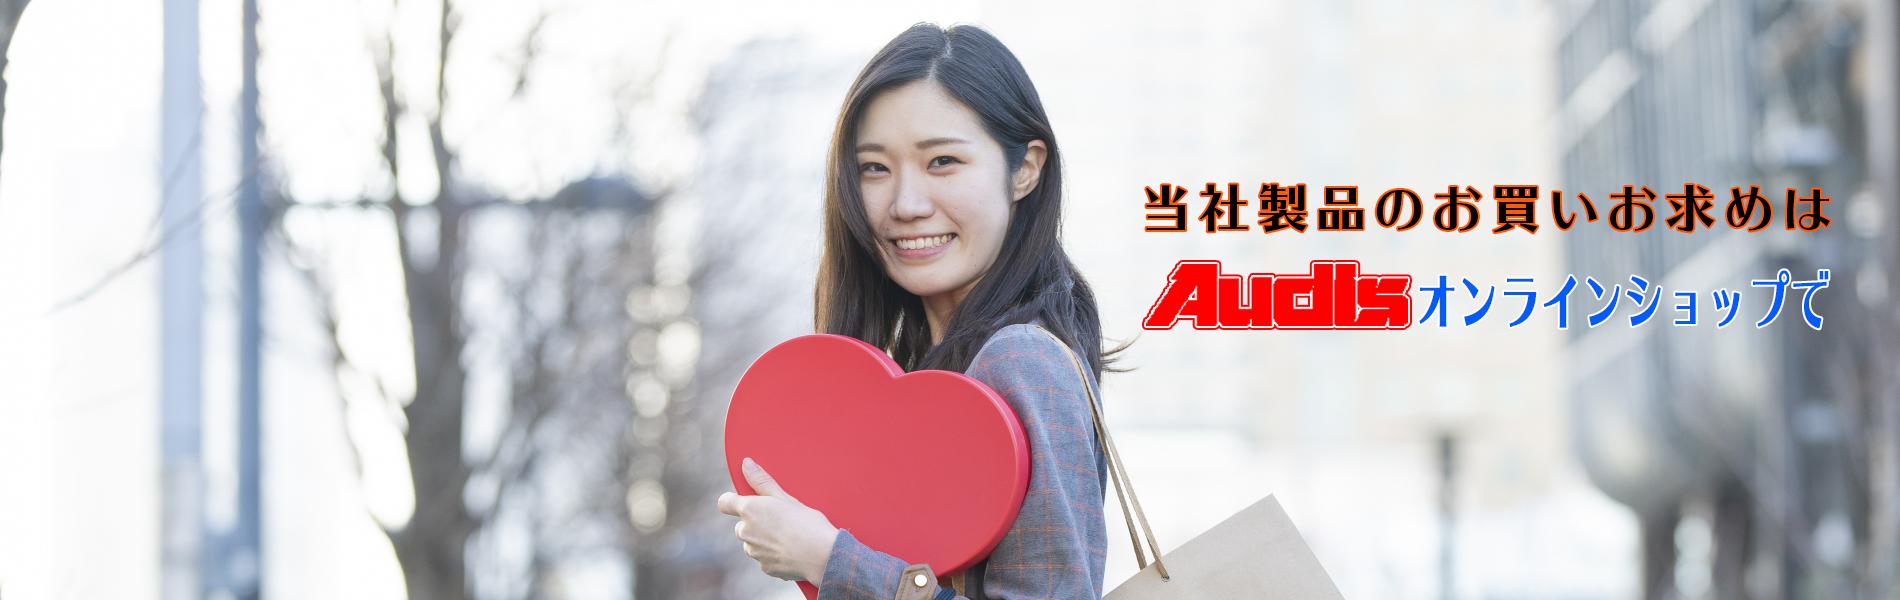 ムサシ化成,Audisオンラインショップ